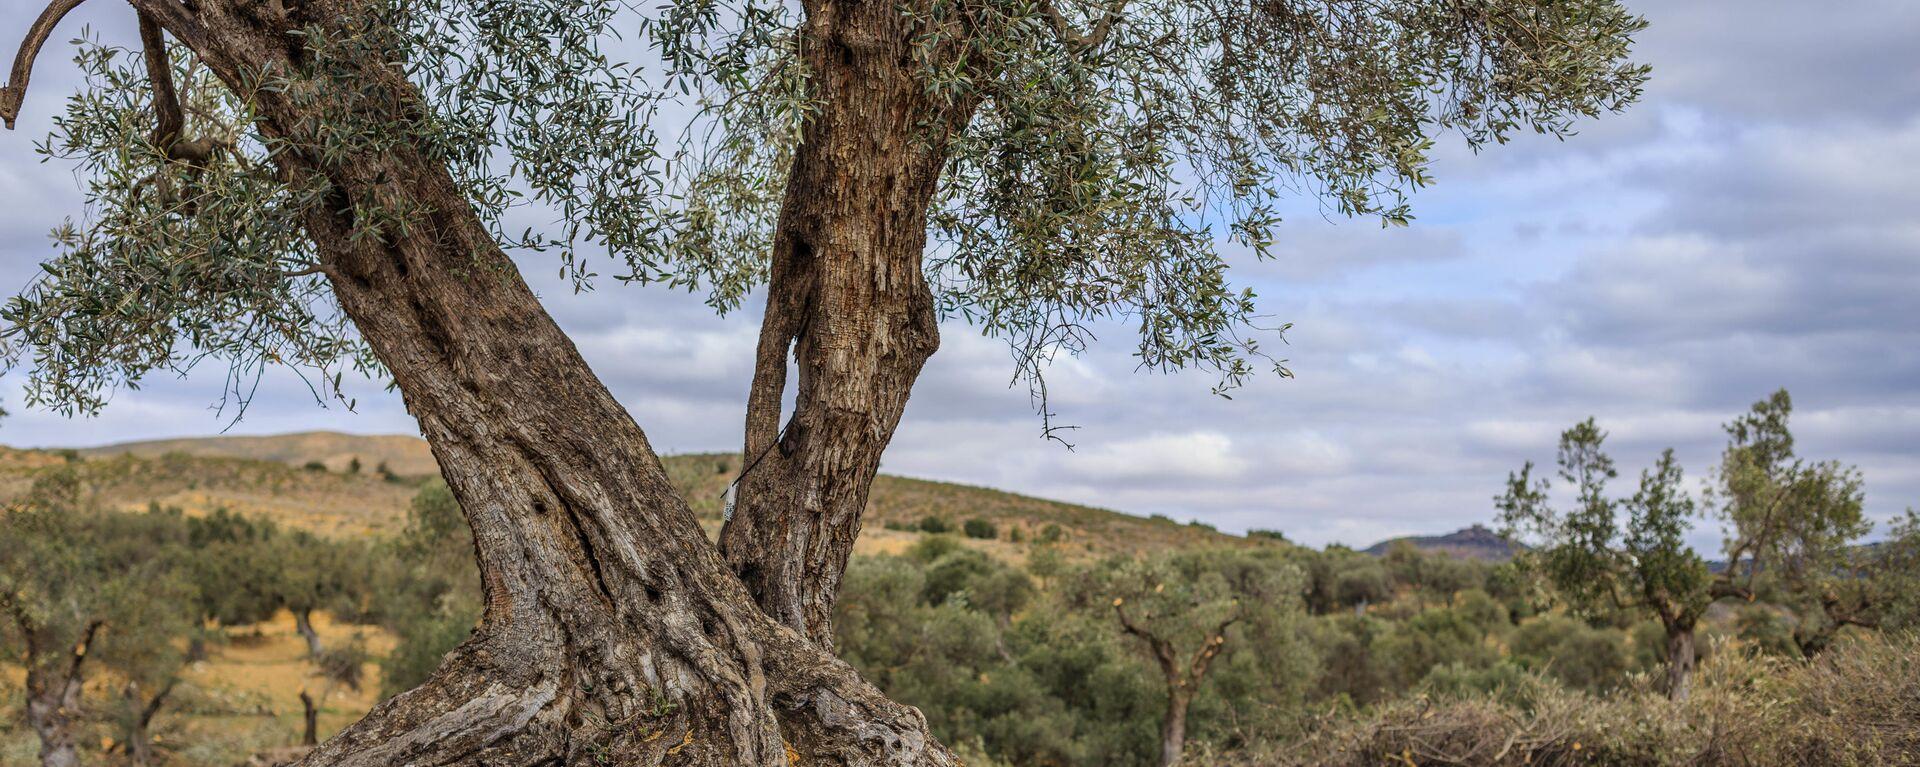 Un olivo en el pueblo de Oriete, en la provincia española de Teruel - Sputnik Mundo, 1920, 13.01.2021